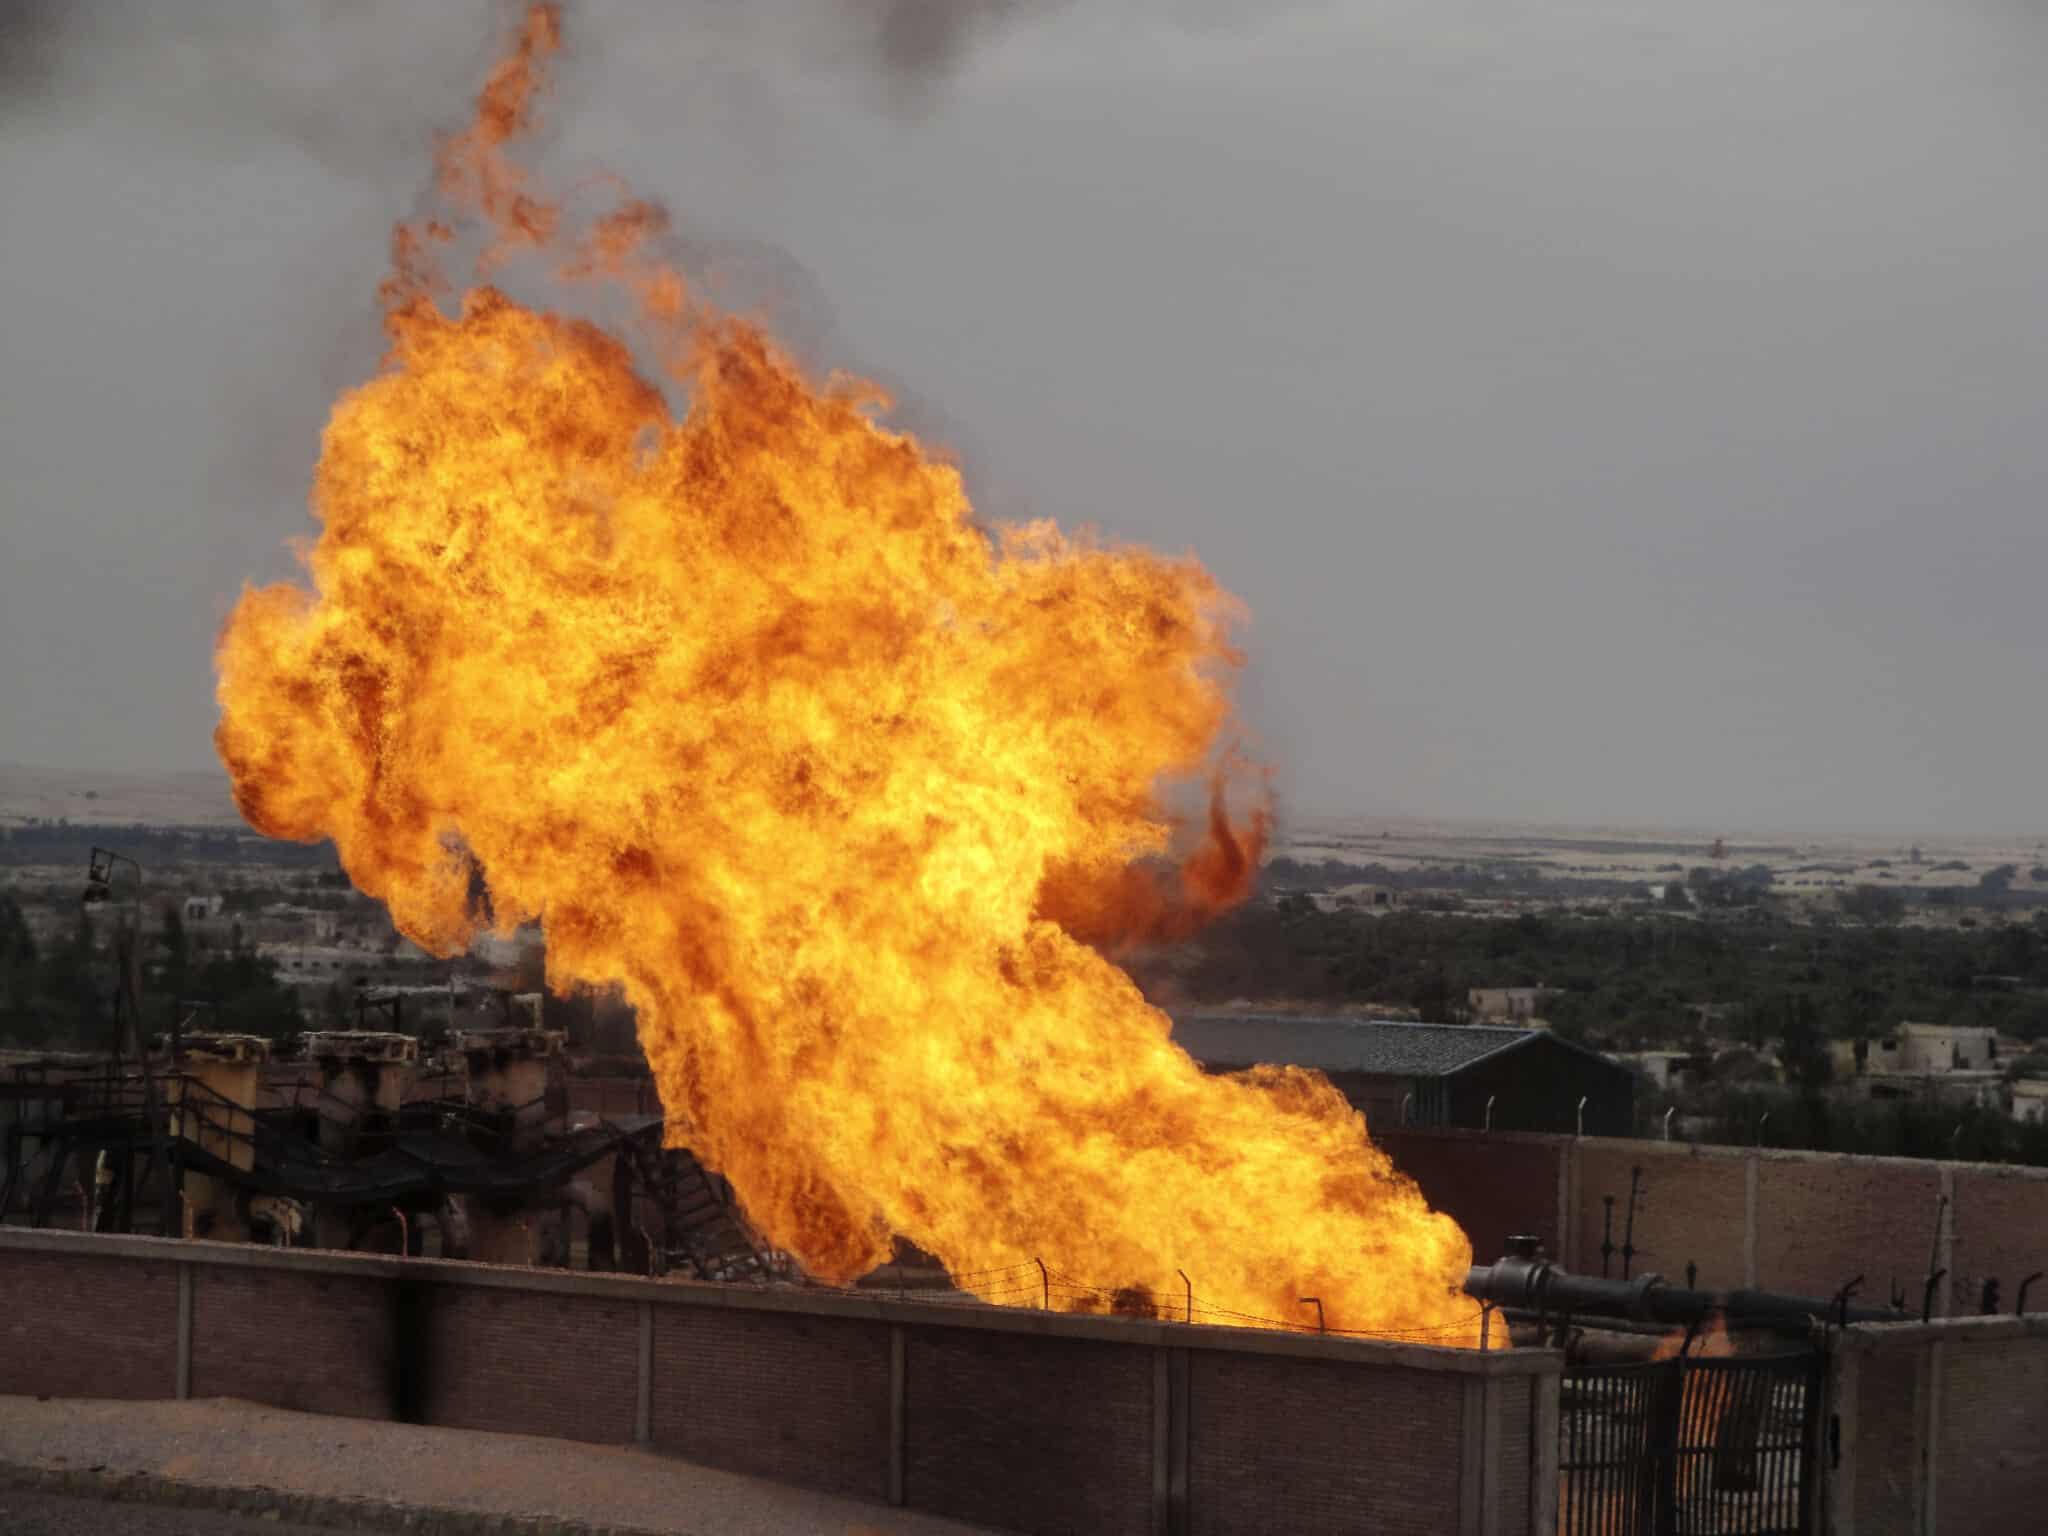 פיצוץ בצינור הגז המצרי, 2011 (צילום: AP Photo/Ashraf Swailem)